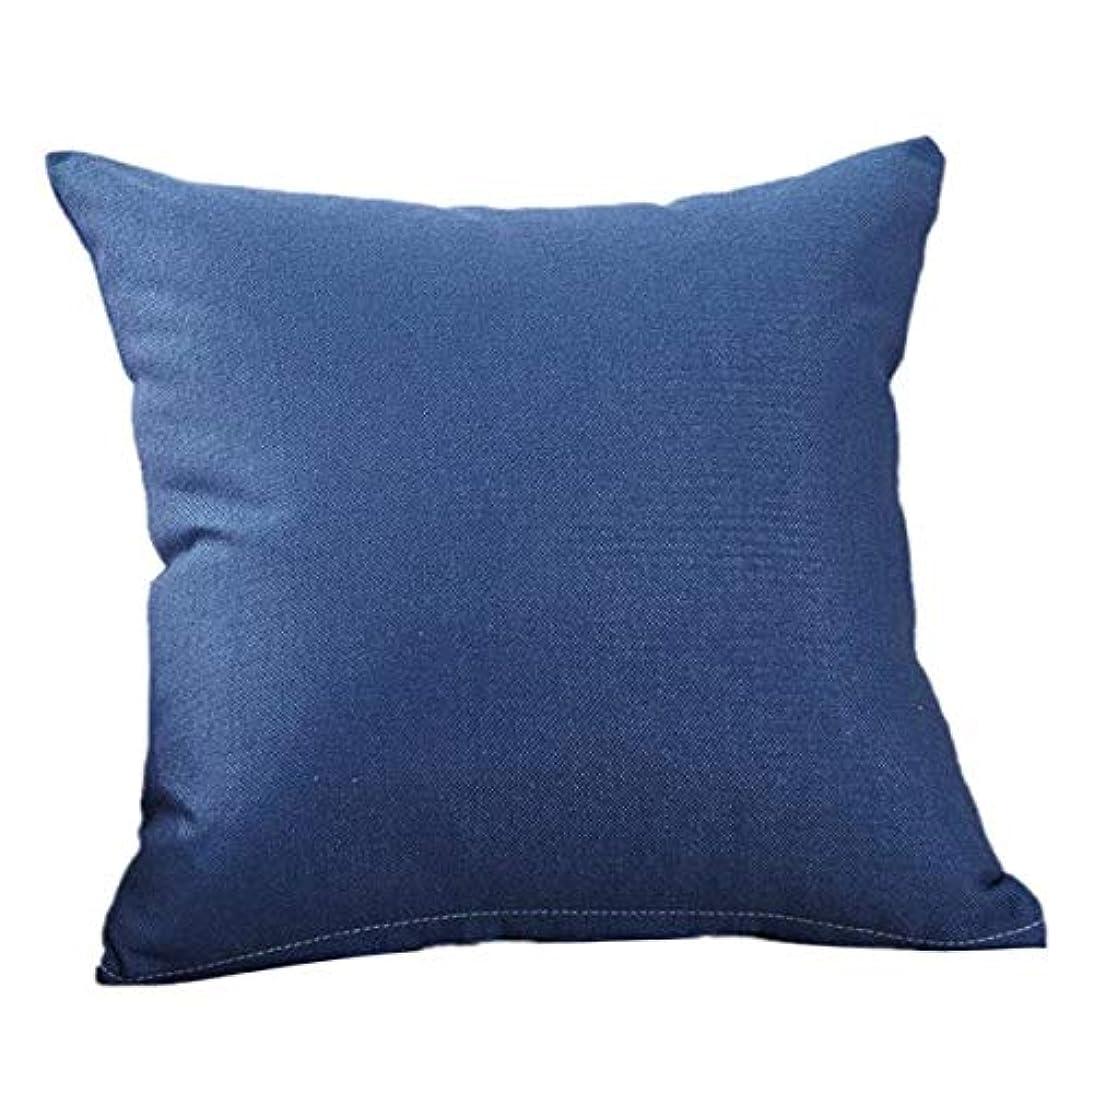 機械シャツ低いLIFE クリエイティブシンプルなファッションスロー枕クッションカフェソファクッションのホームインテリア z0403# G20 クッション 椅子